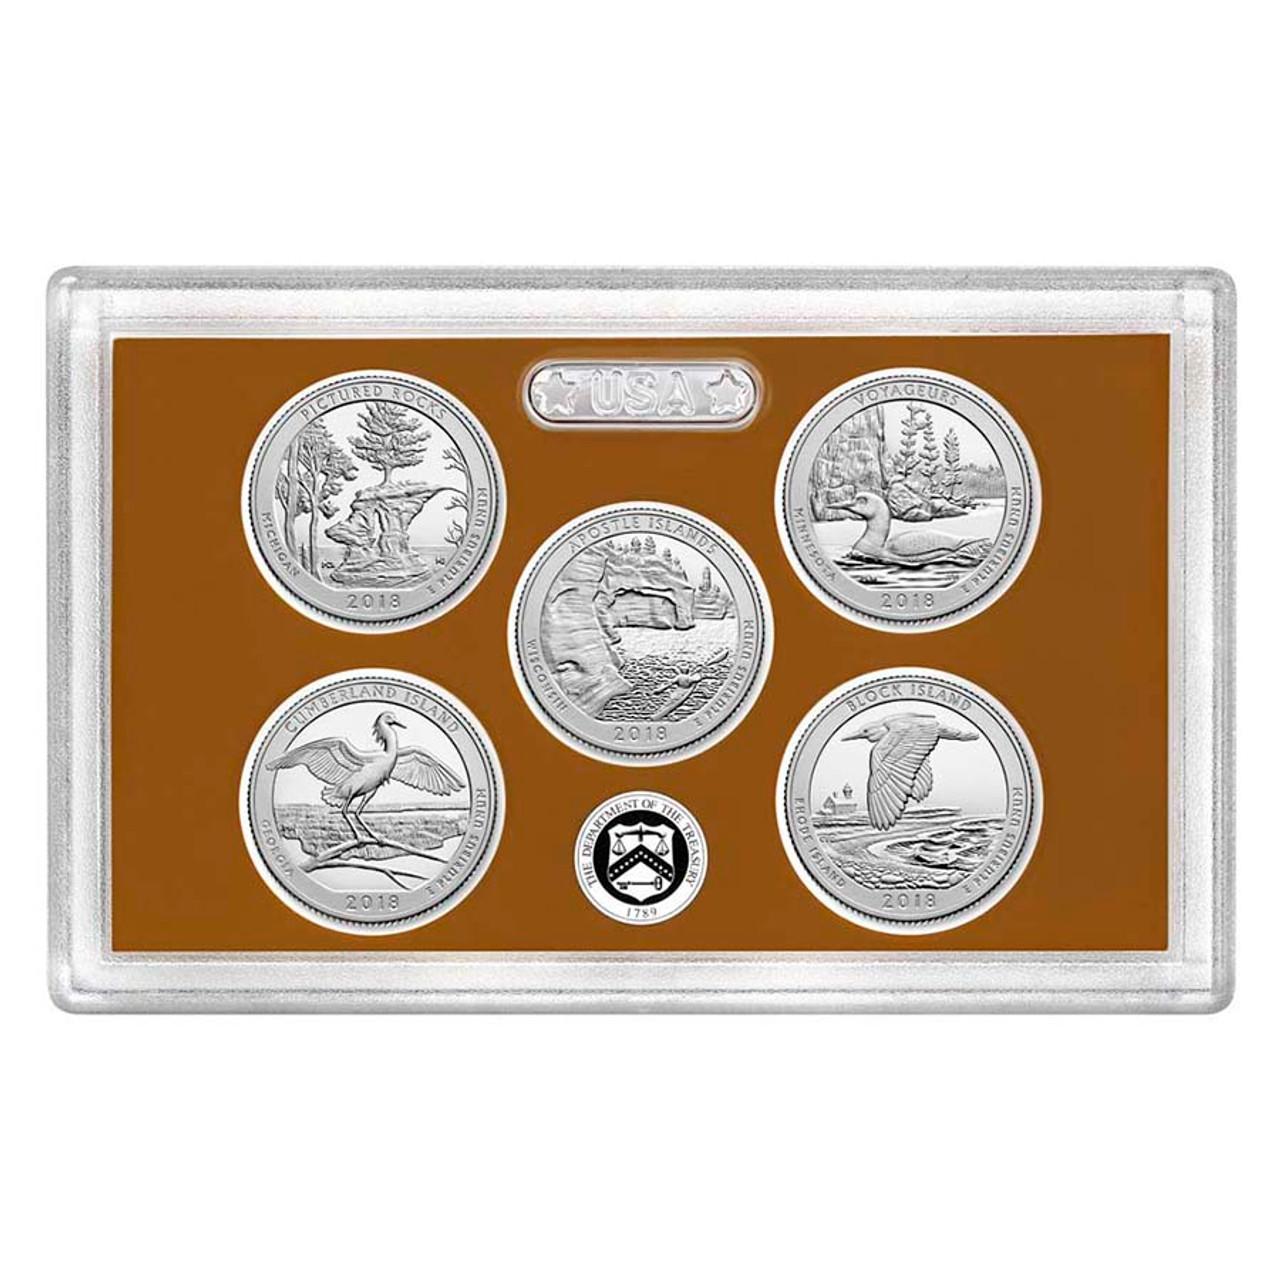 2018 National Parks Quarter Proof Set 5 Coins Image 1